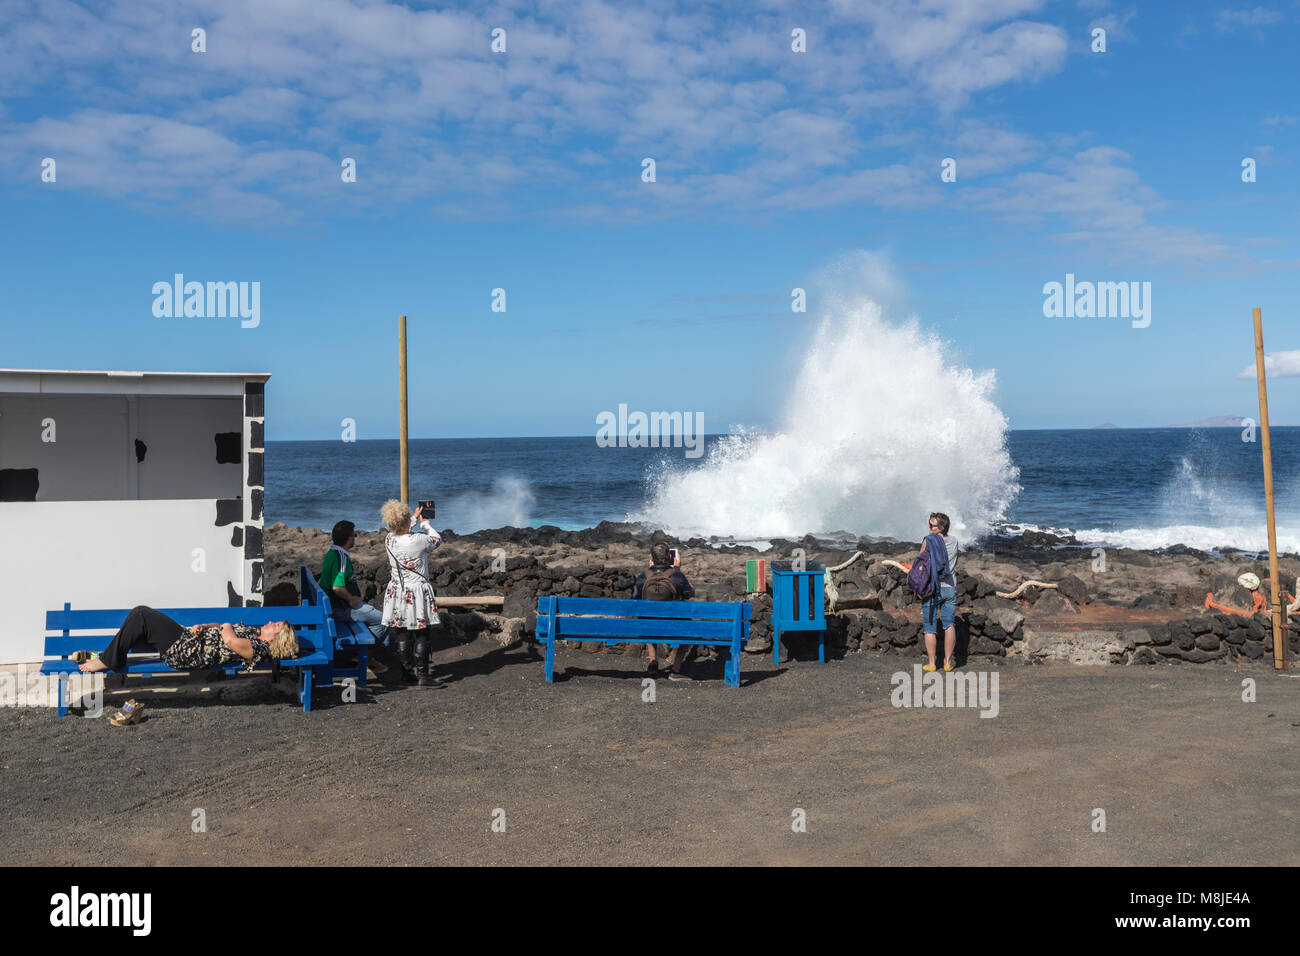 Touristen ein Bild von einem tapferen Meer in Tenesar, Lanzarote, Kanarische Inseln, Spanien Stockbild